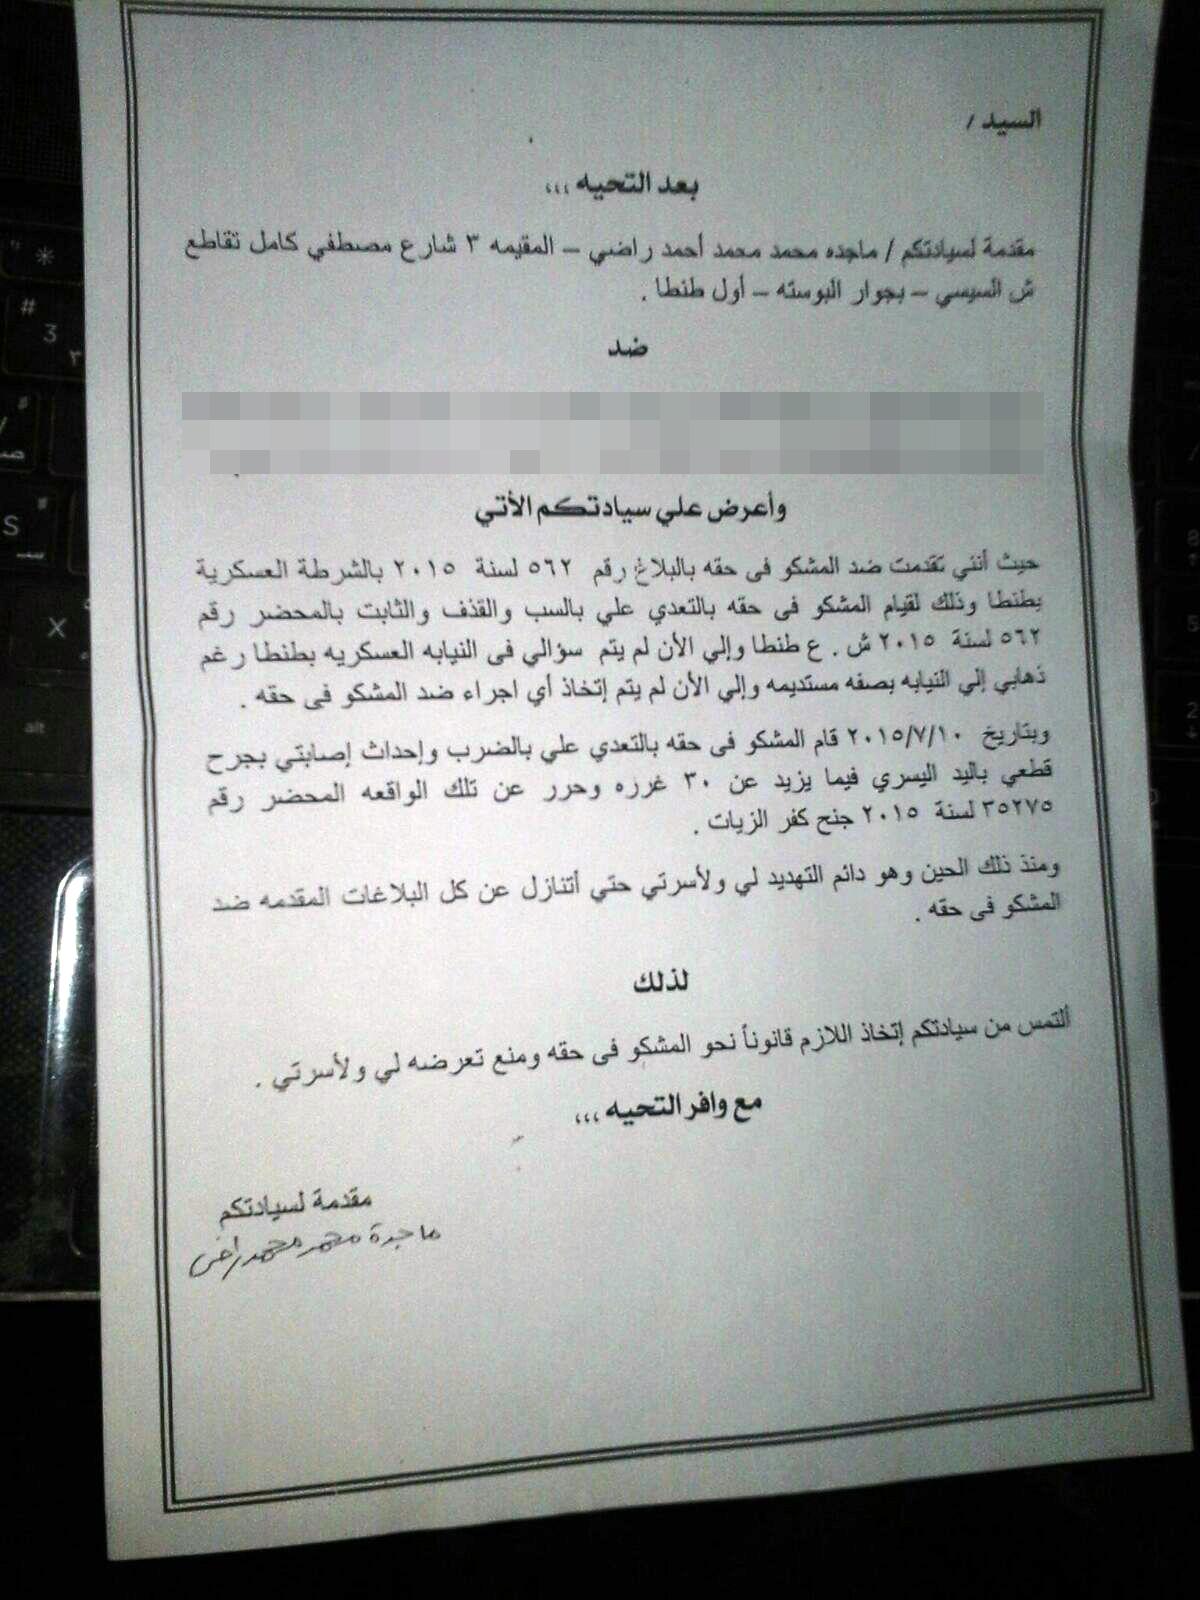 صورة من البلاغ المقدم من المواطنة ضد ضابط جيش